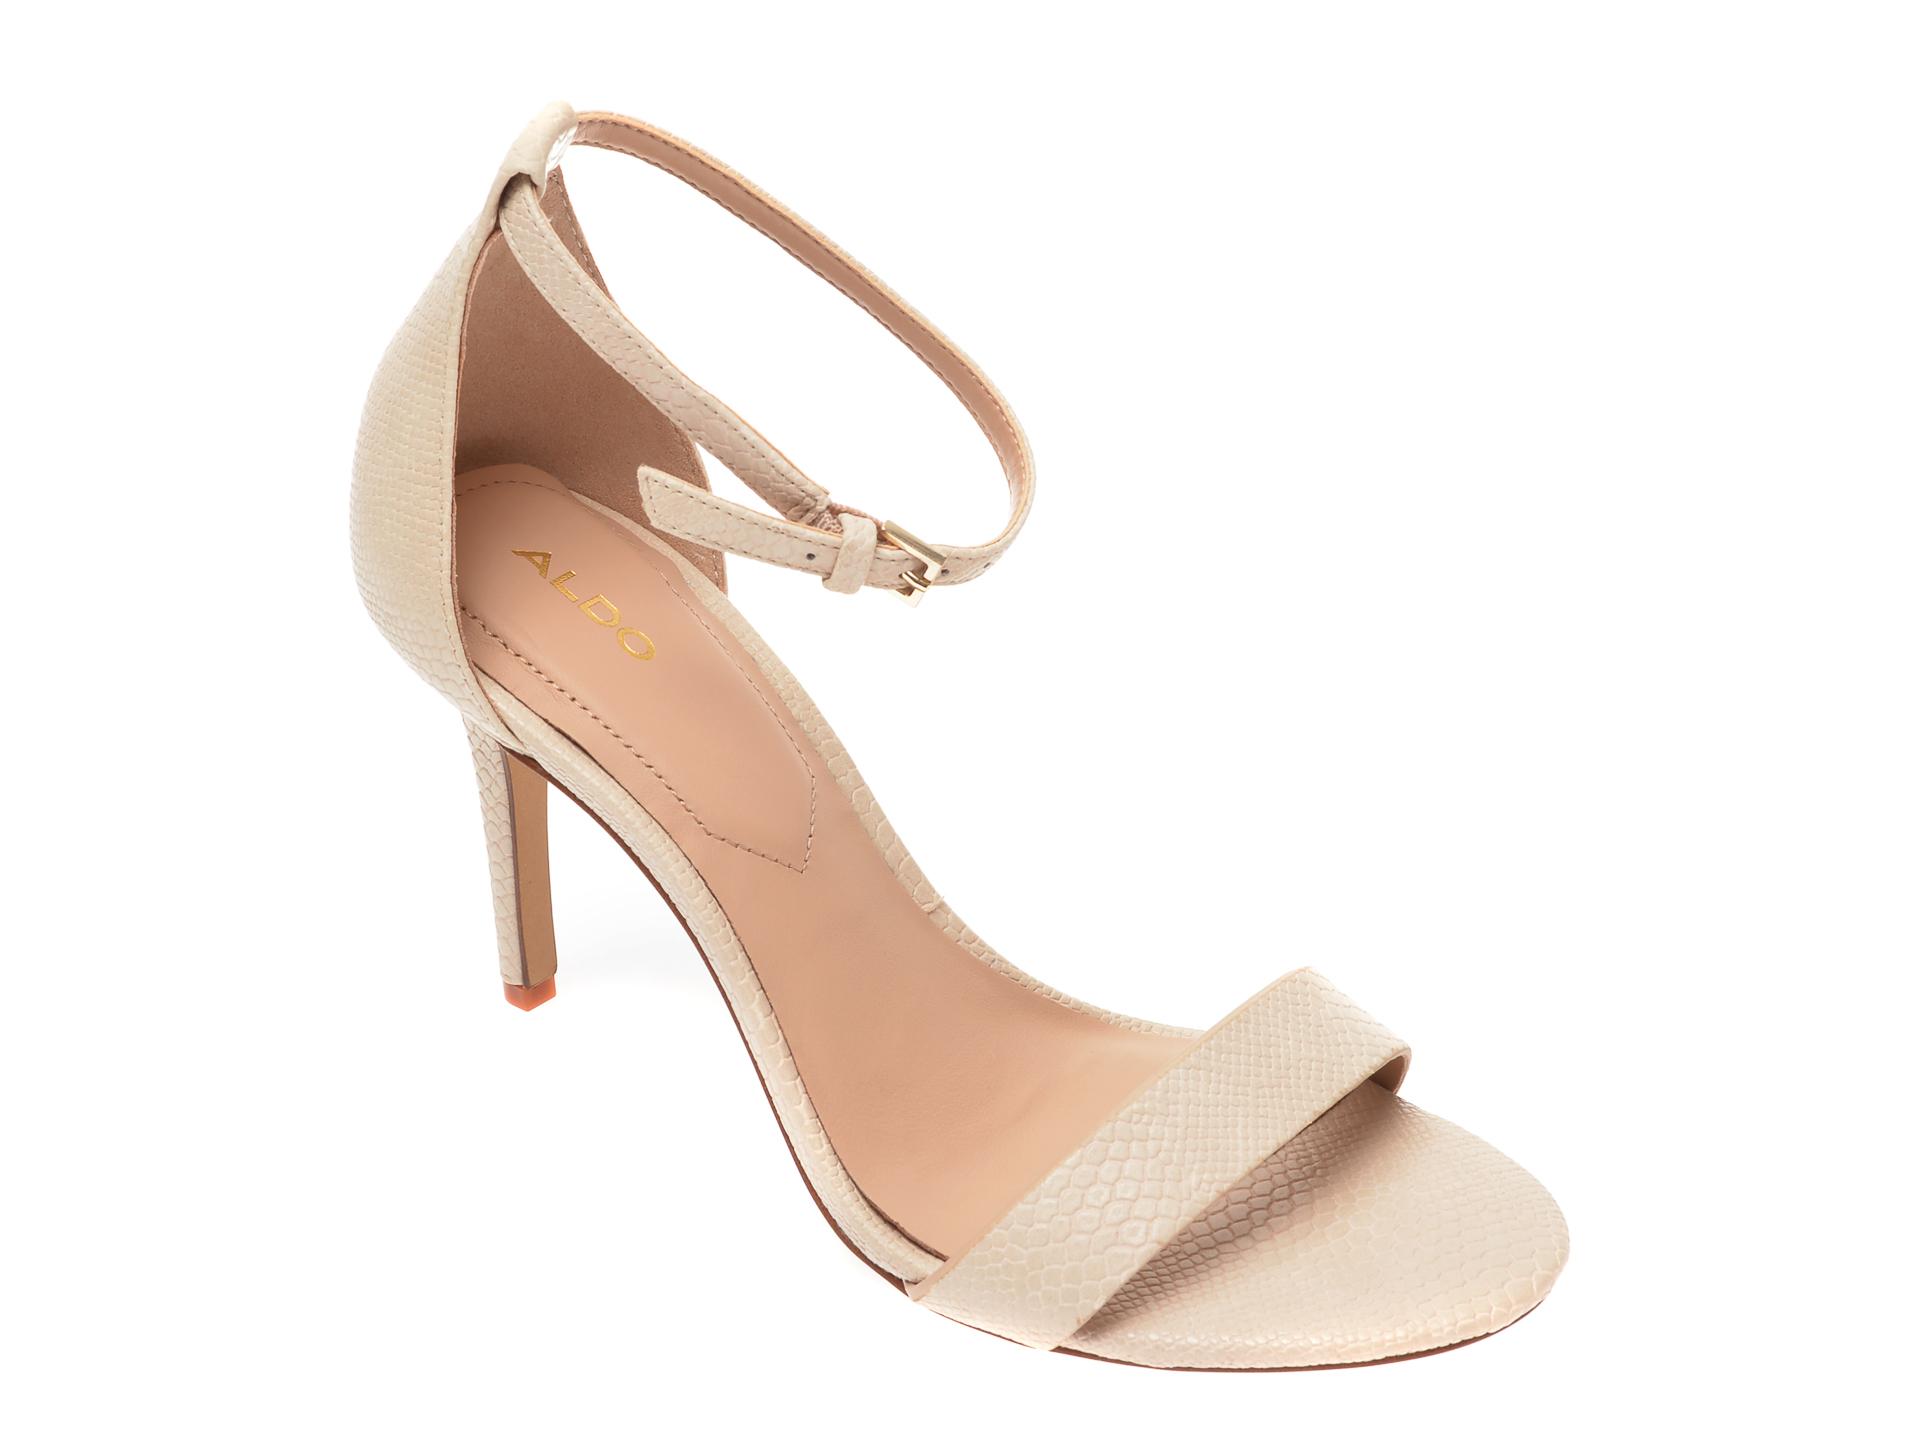 Sandale ALDO bej, Piliria270, din piele ecologica